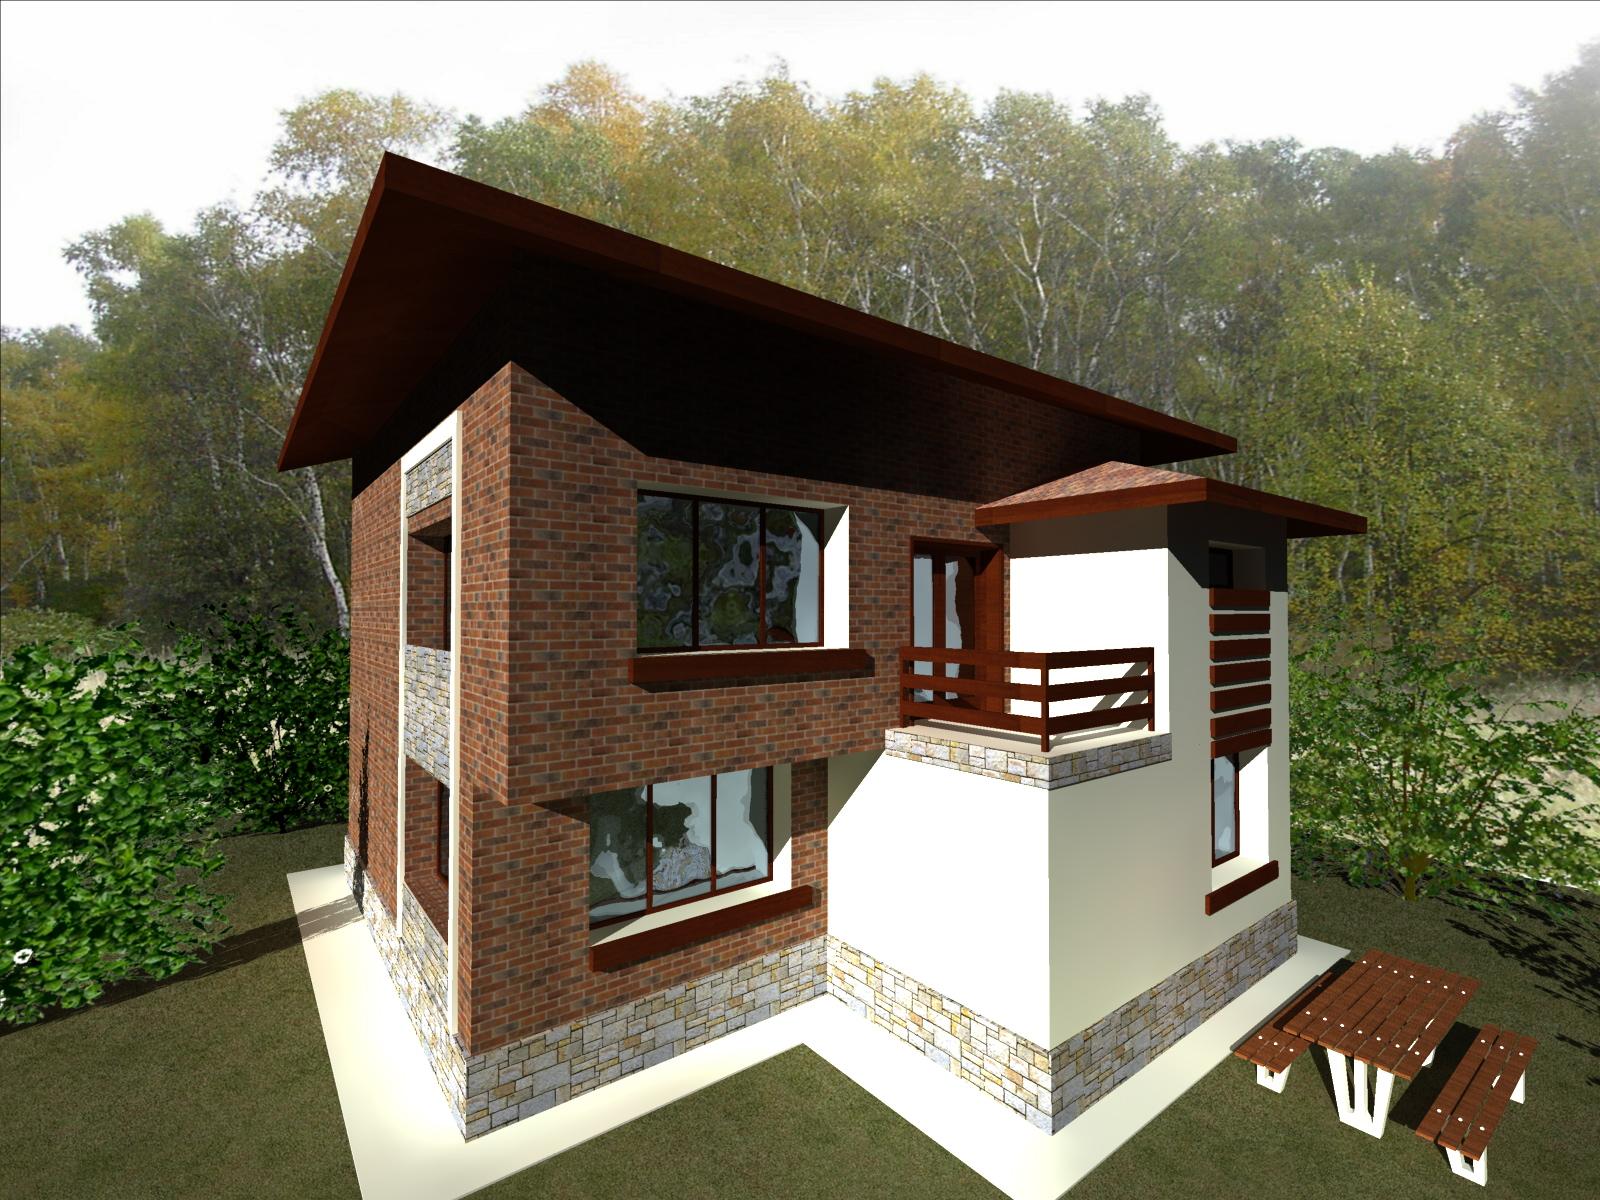 Proiect casa elena magazinul de proiecte - Terenes casa rural ...